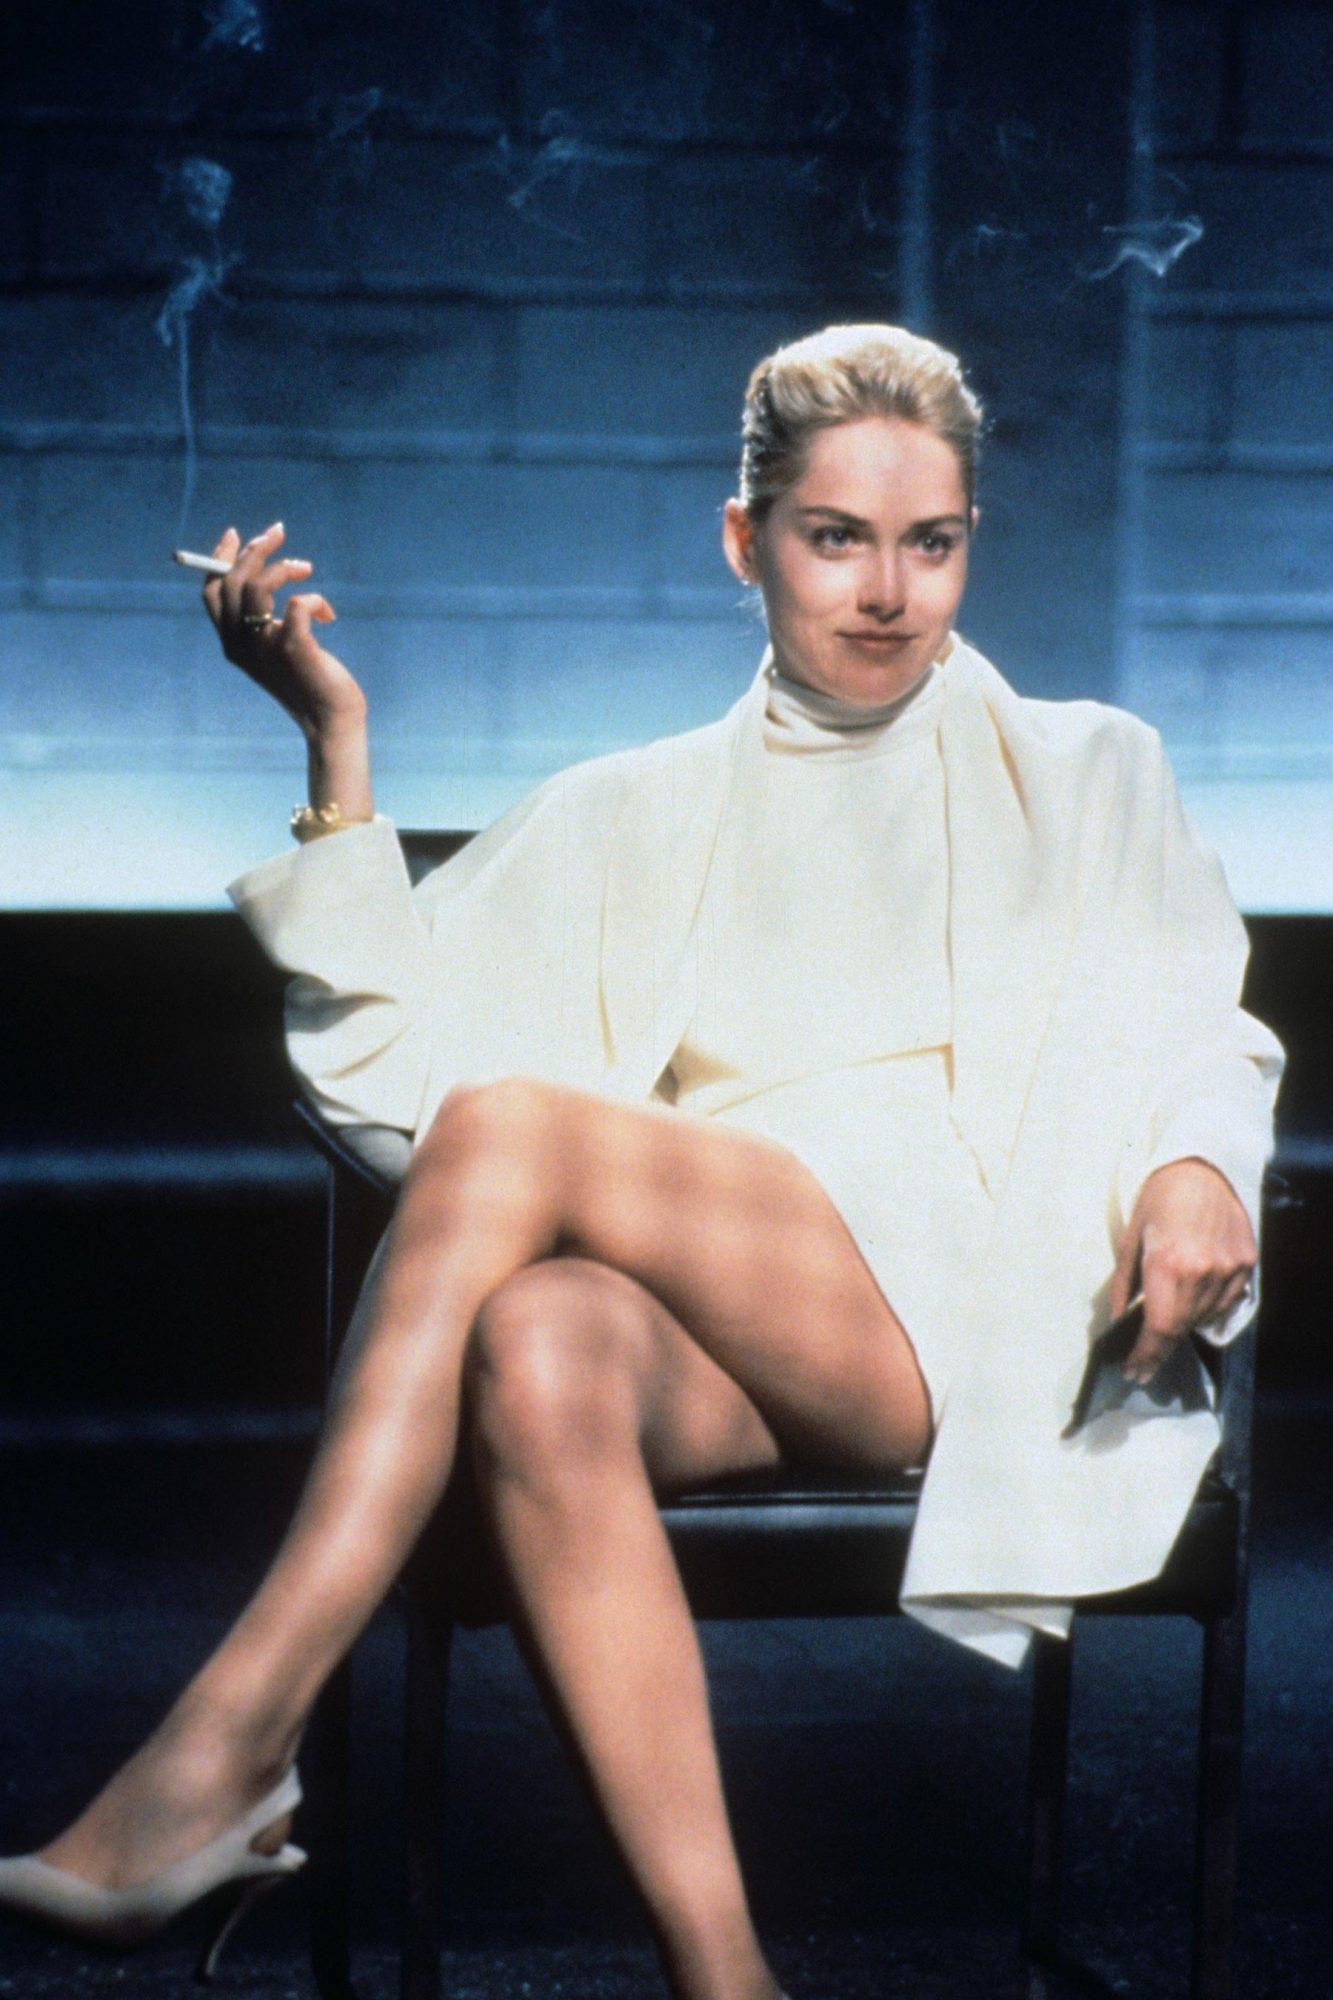 BASIC INSTINCT, Sharon Stone, 1992